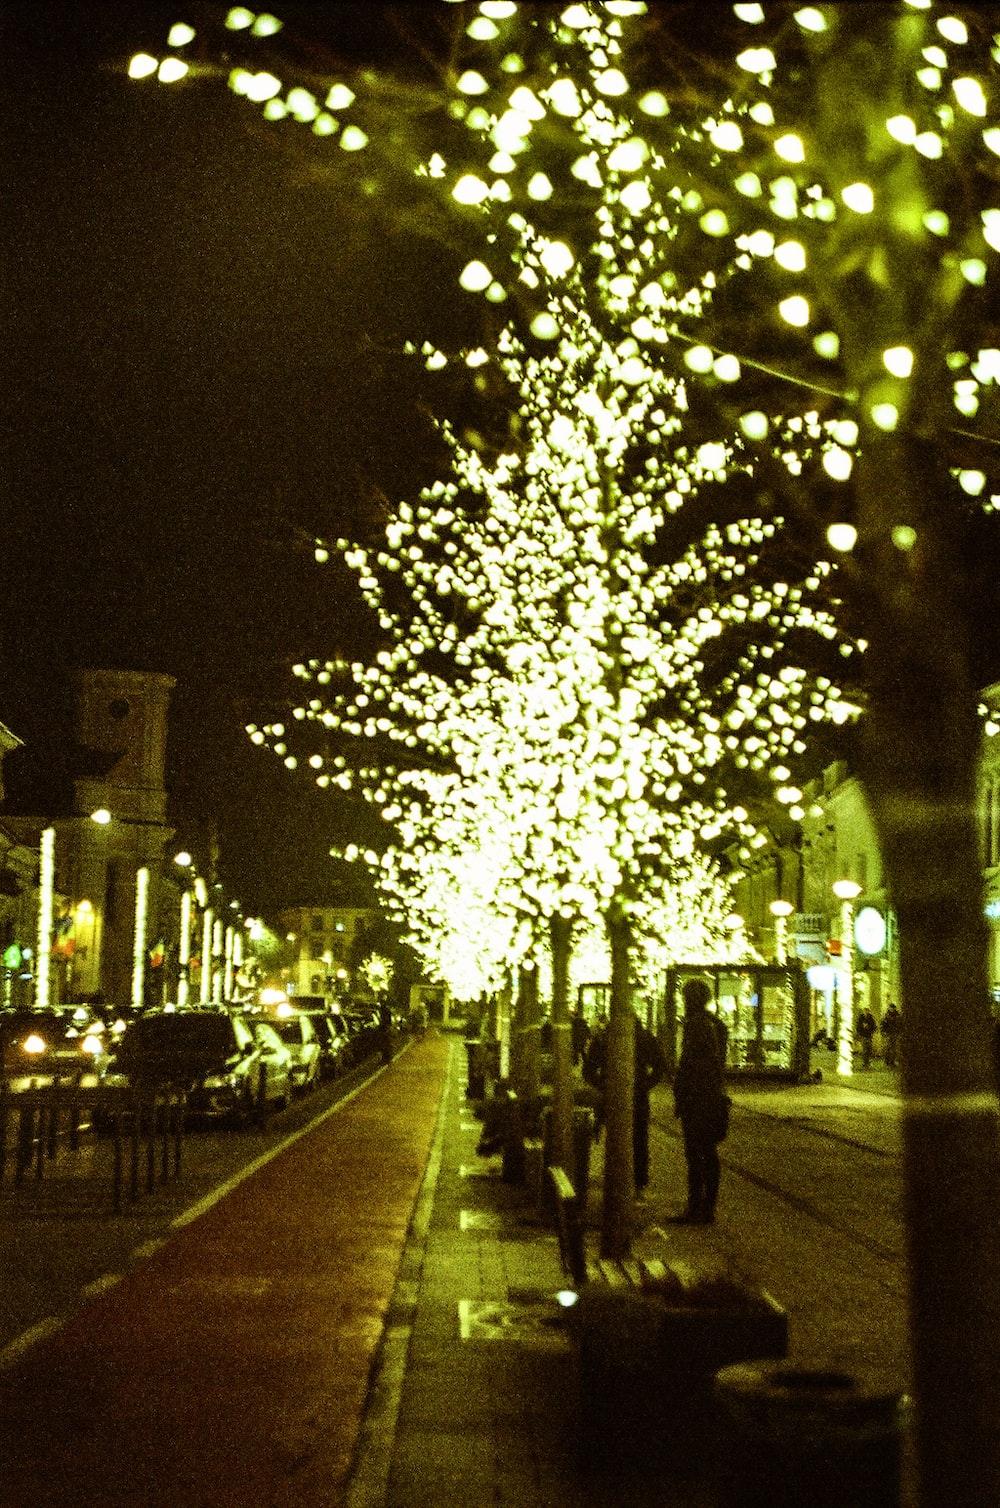 turned-on lights on tree